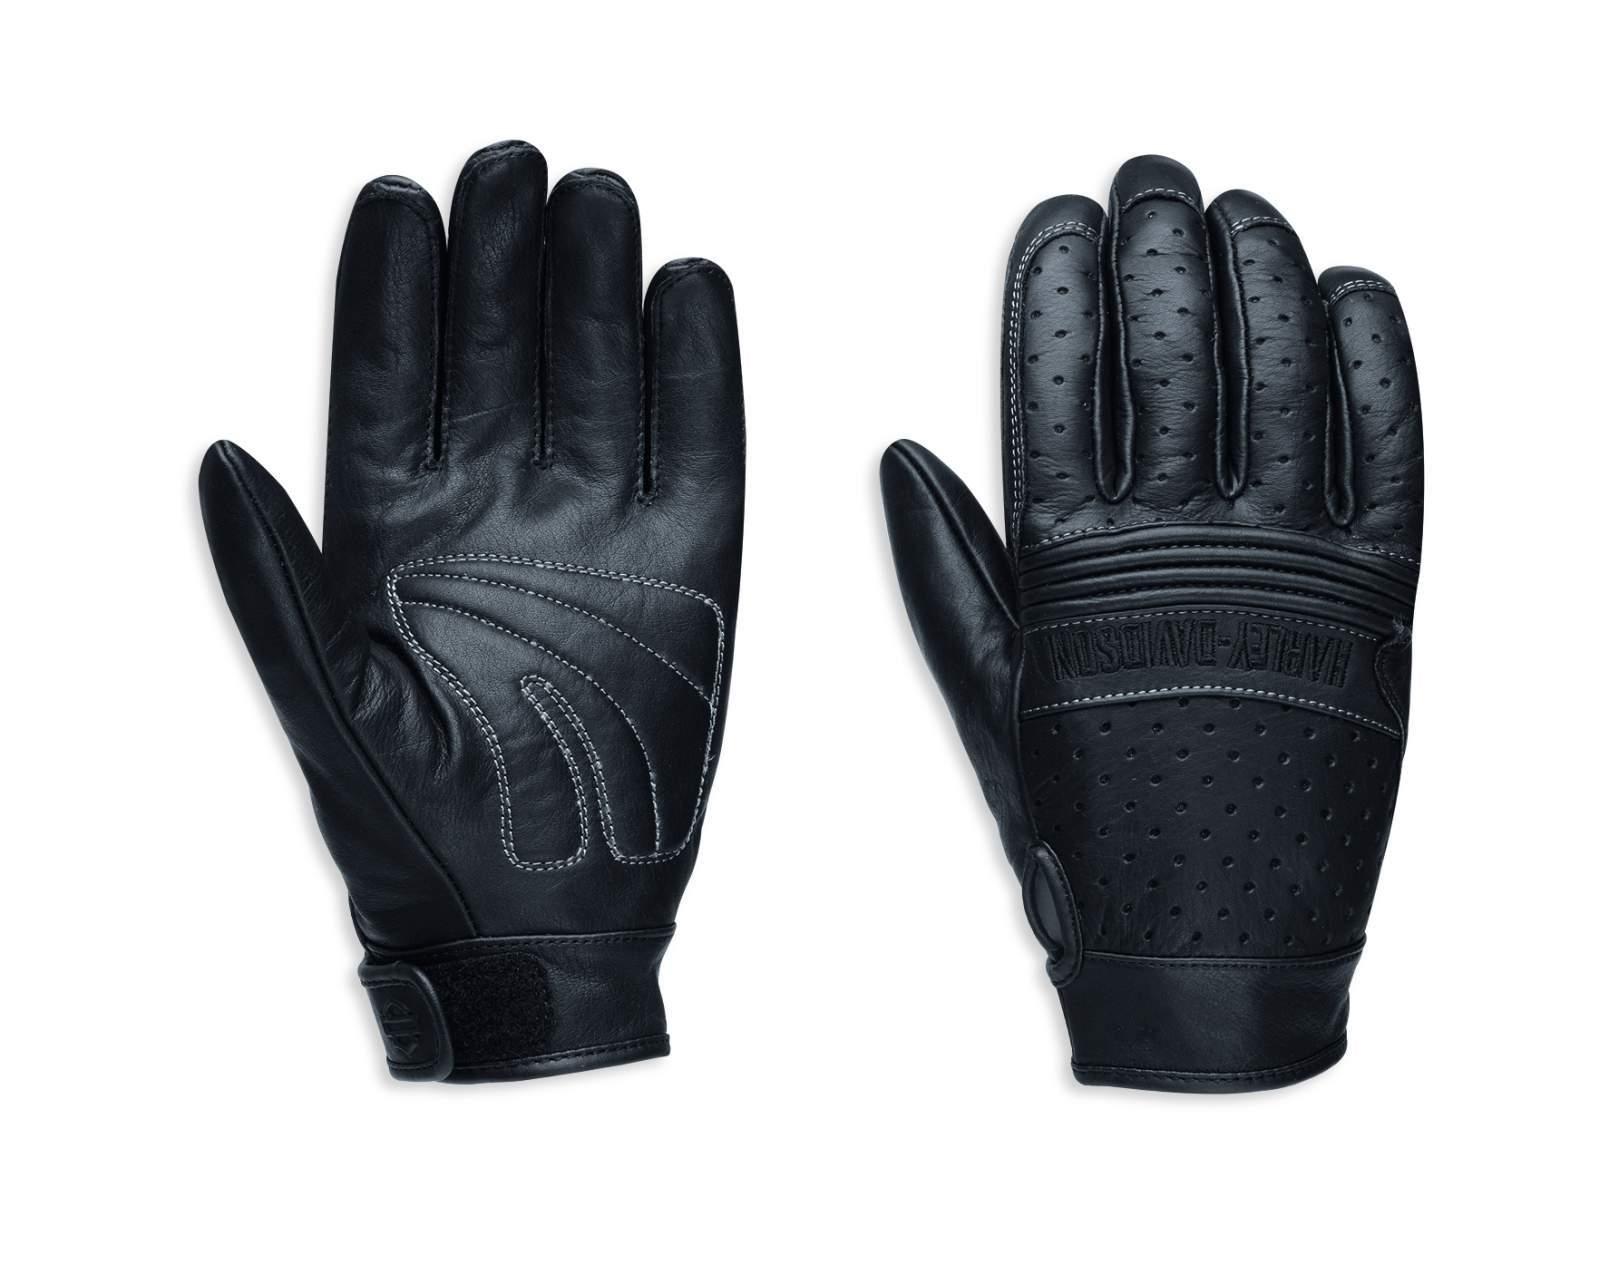 98207 16vm harley davidson handschuhe avalon perforated im. Black Bedroom Furniture Sets. Home Design Ideas